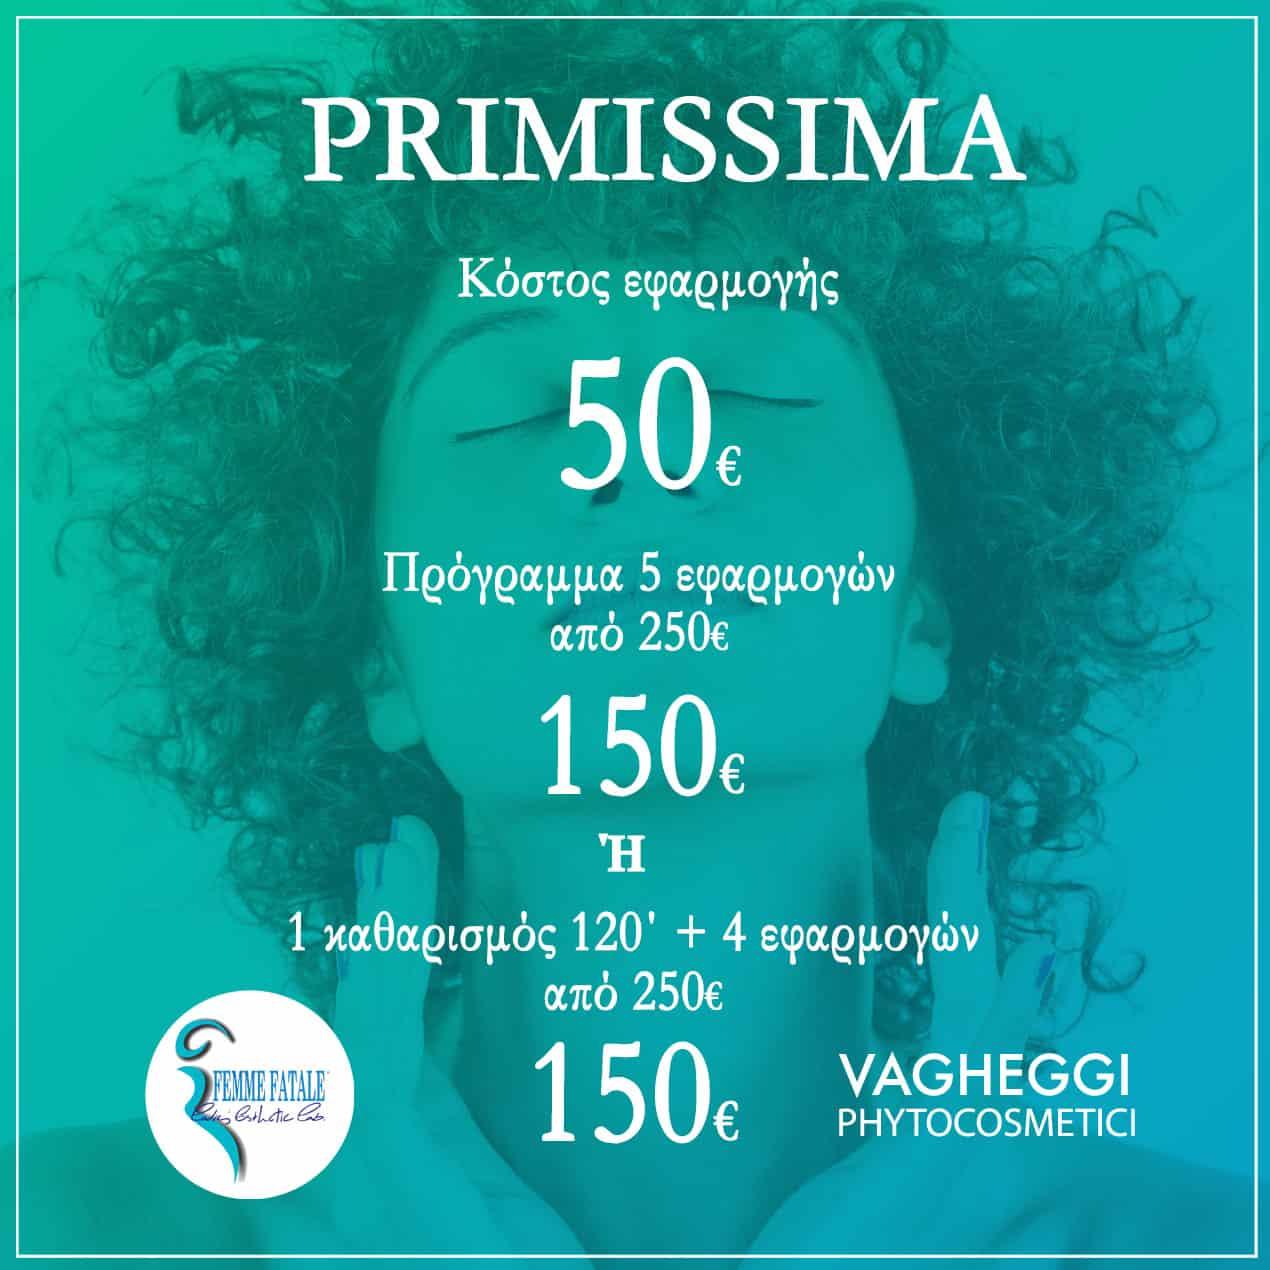 Primissima offers dec19